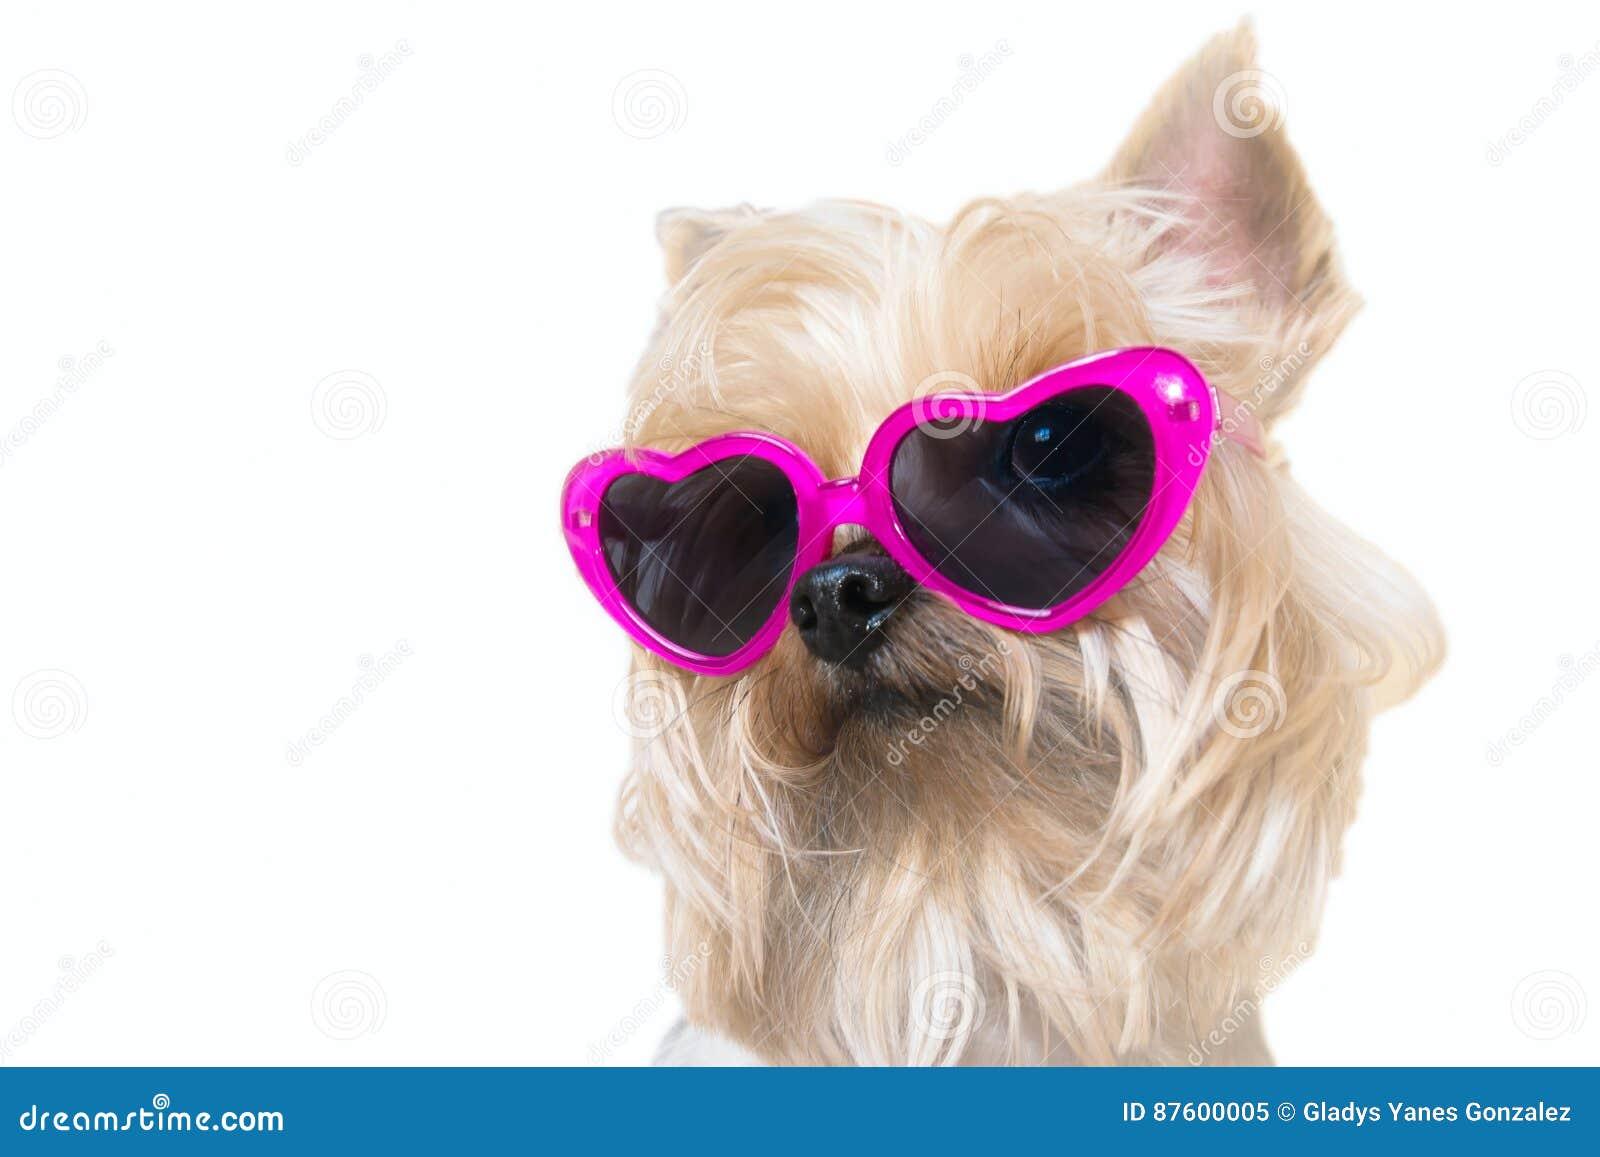 Chien pelucheux avec lunettes de soleil de coeurs